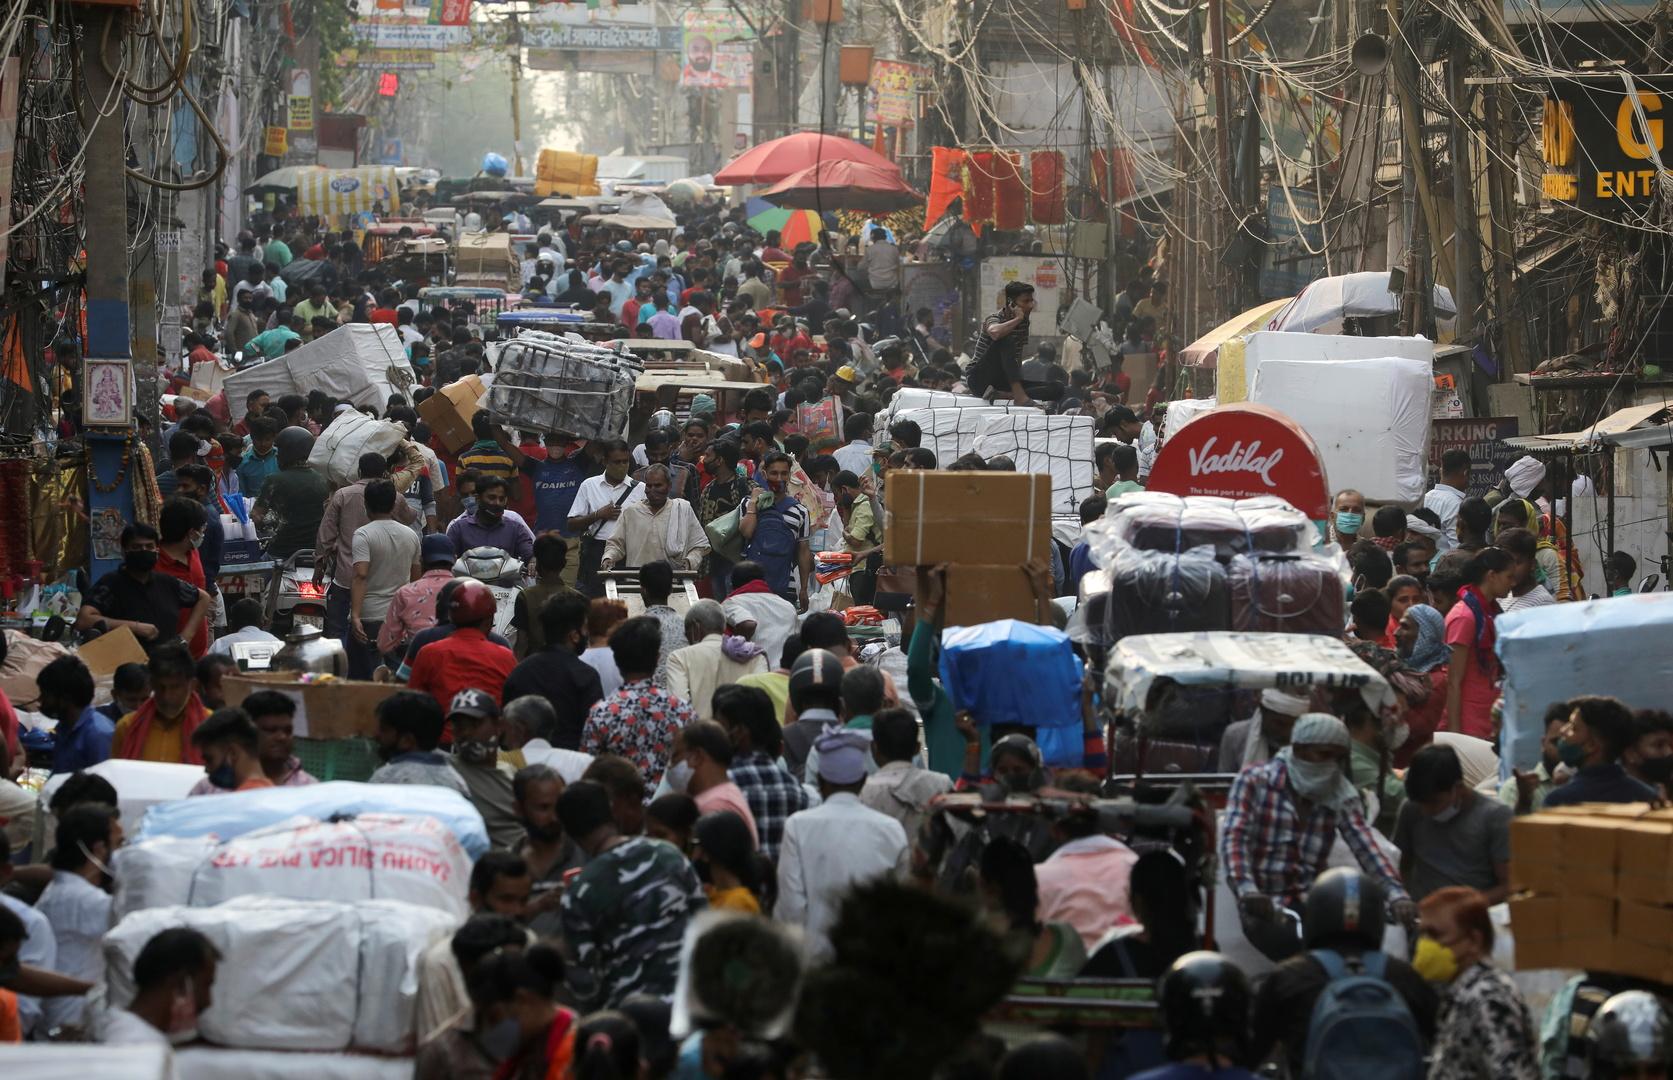 فرض حظر تجول في عدد من المدن الهندية بعد تسجيل ارتفاع قياسي بإصابات كورونا